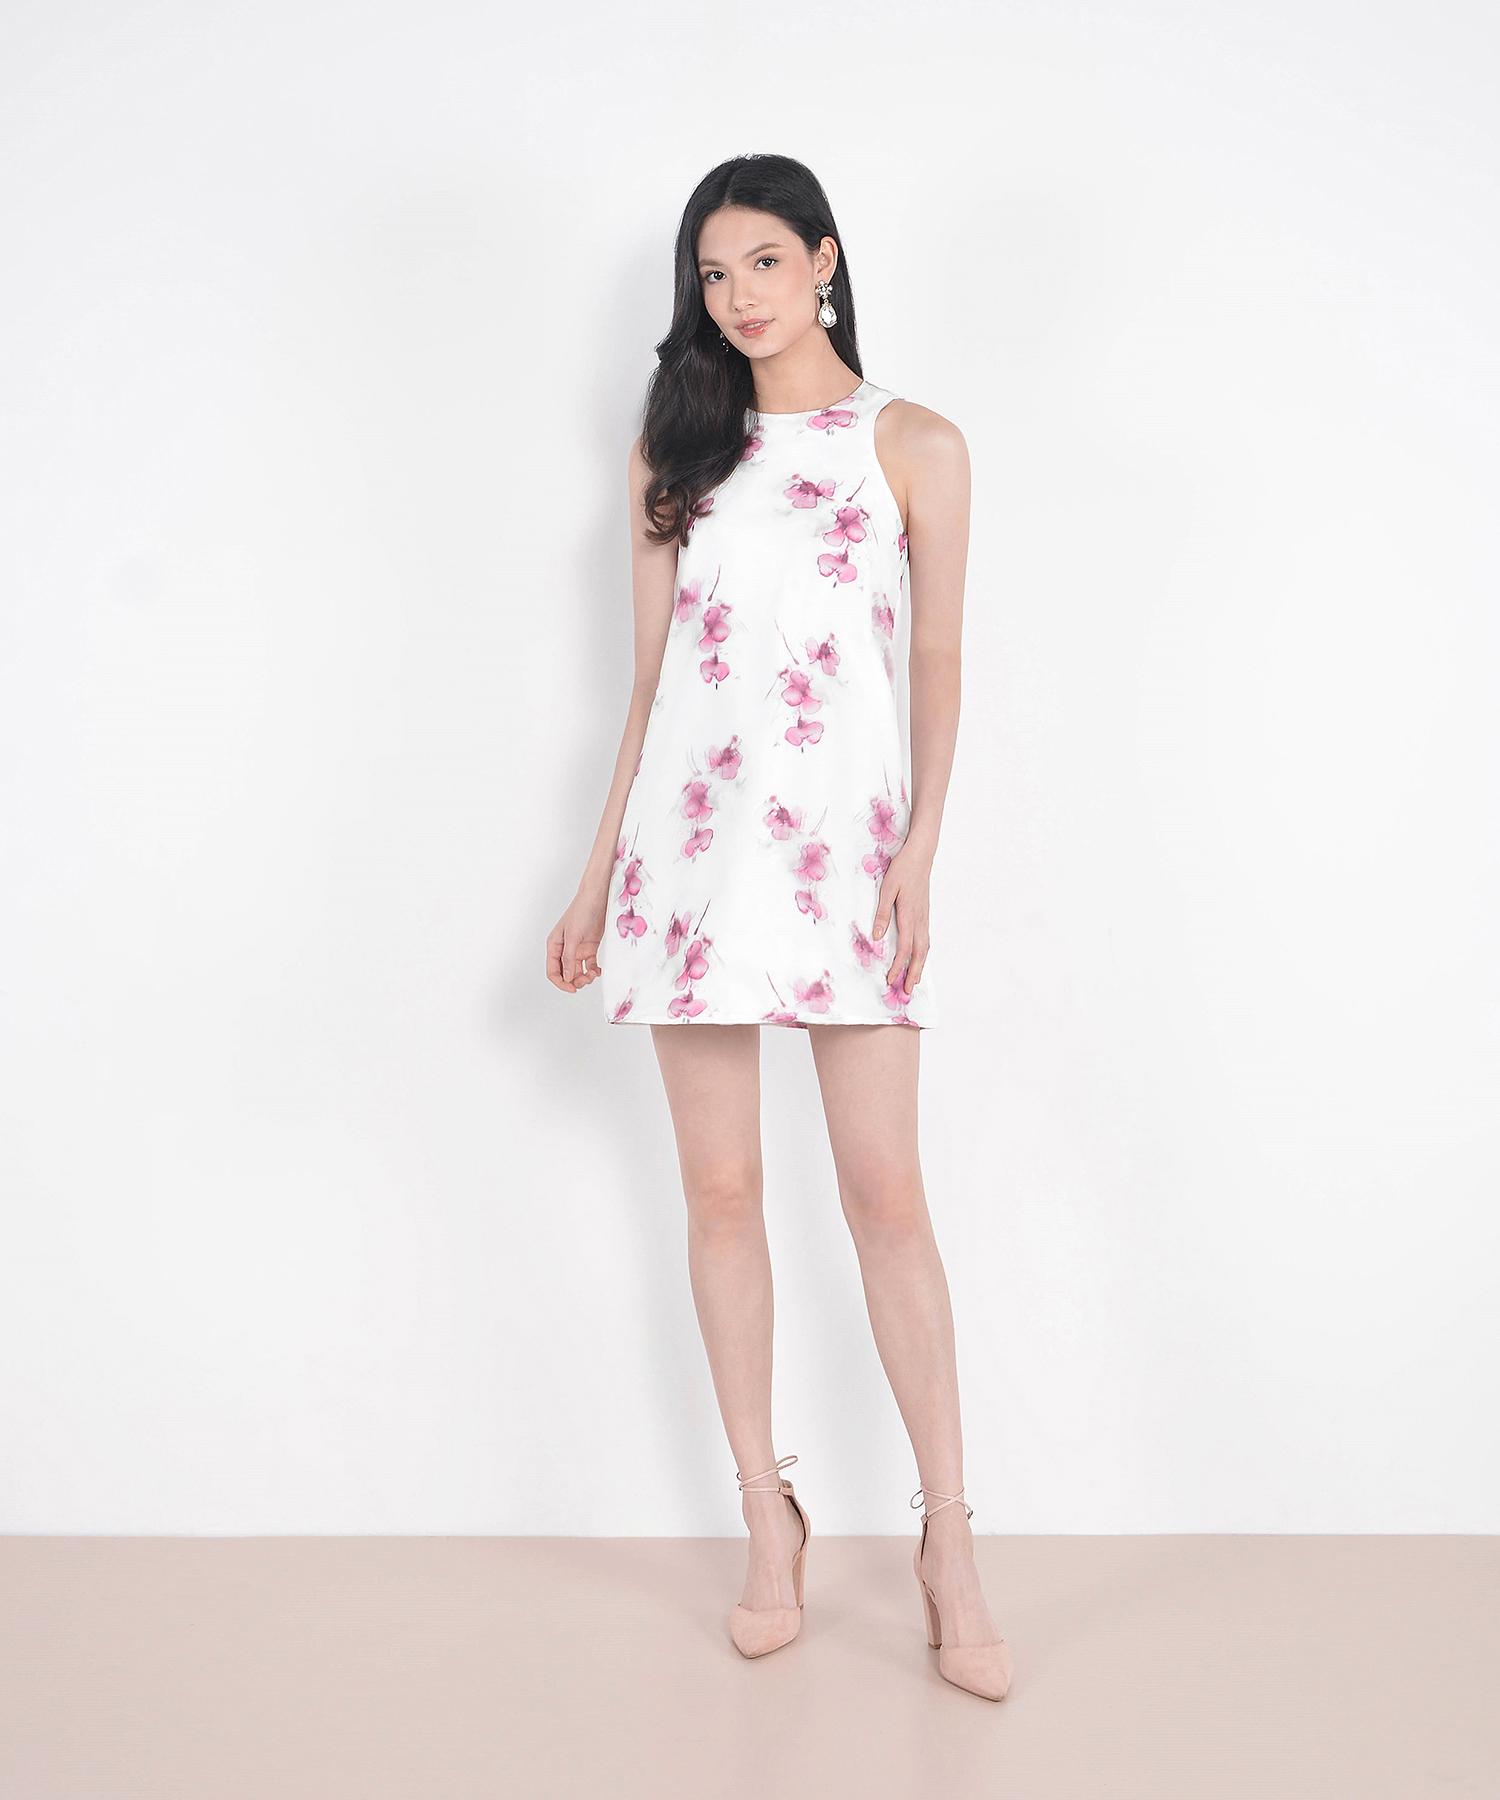 154d07b9a76d5e Shoppr Brazil - Fashion   Beauty Search   Shopping For Women